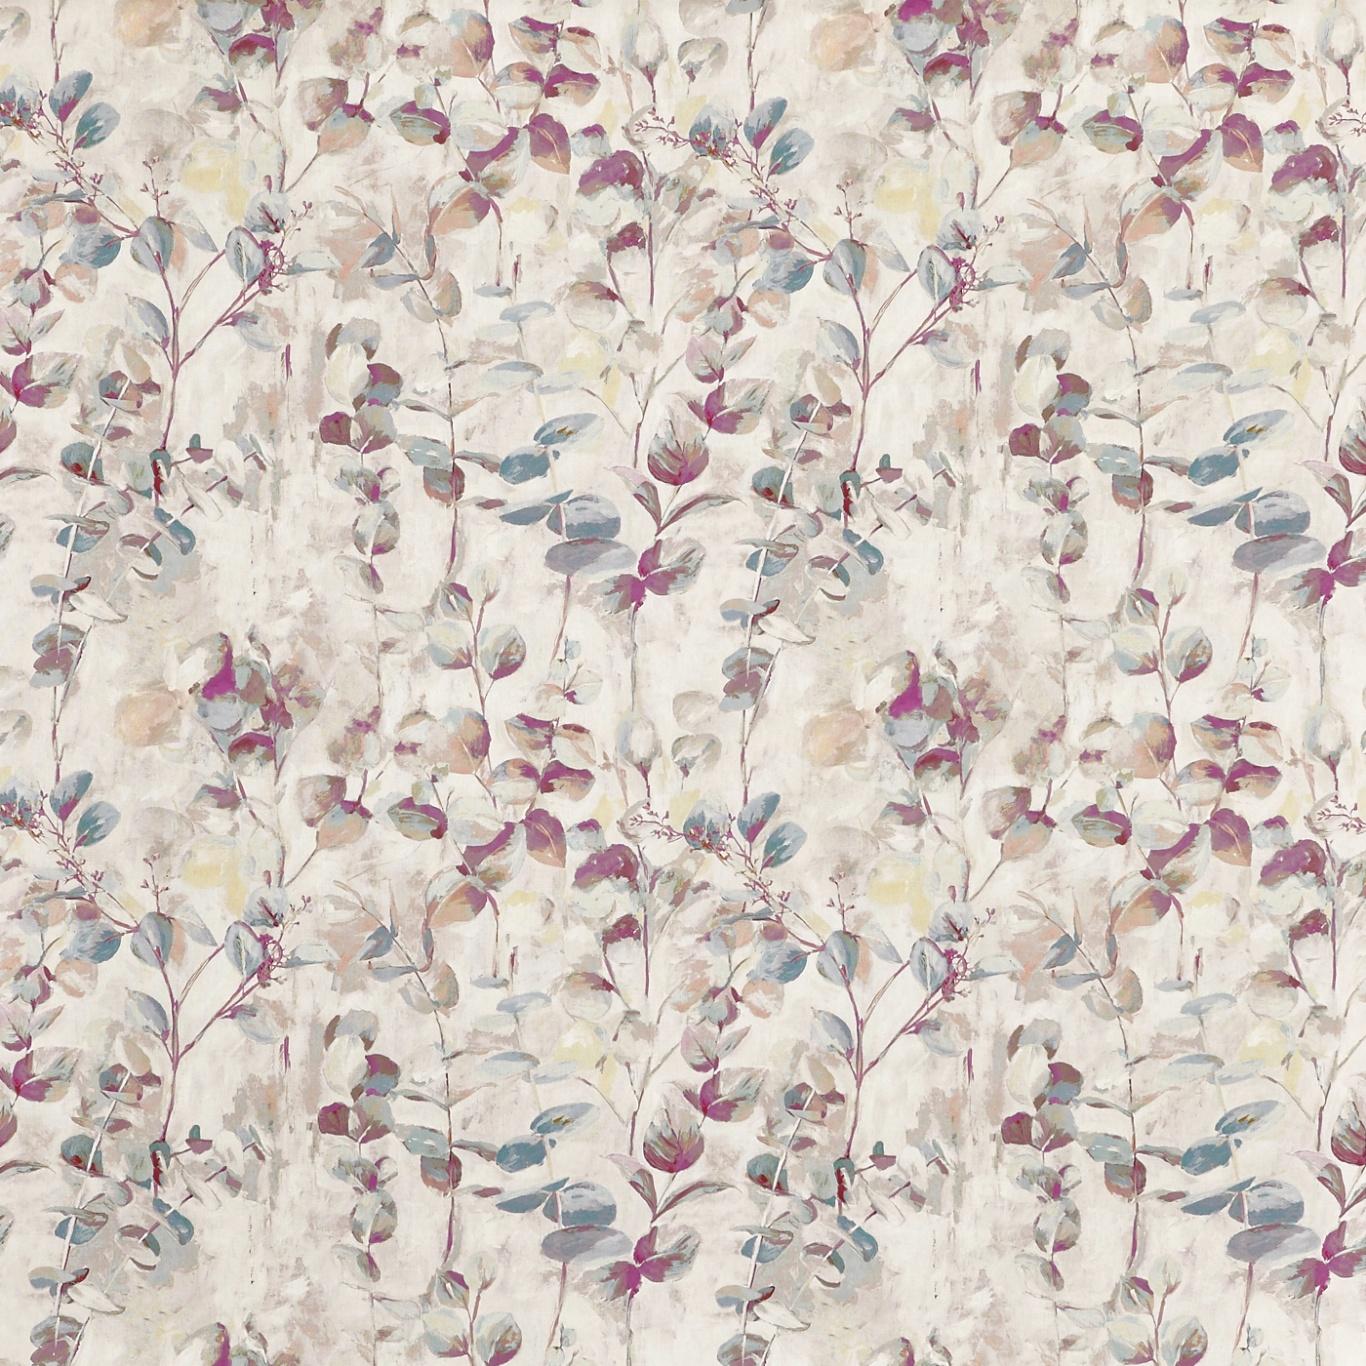 Image of Prestigious Aquarelle Wild Rose Fabric 8675/254